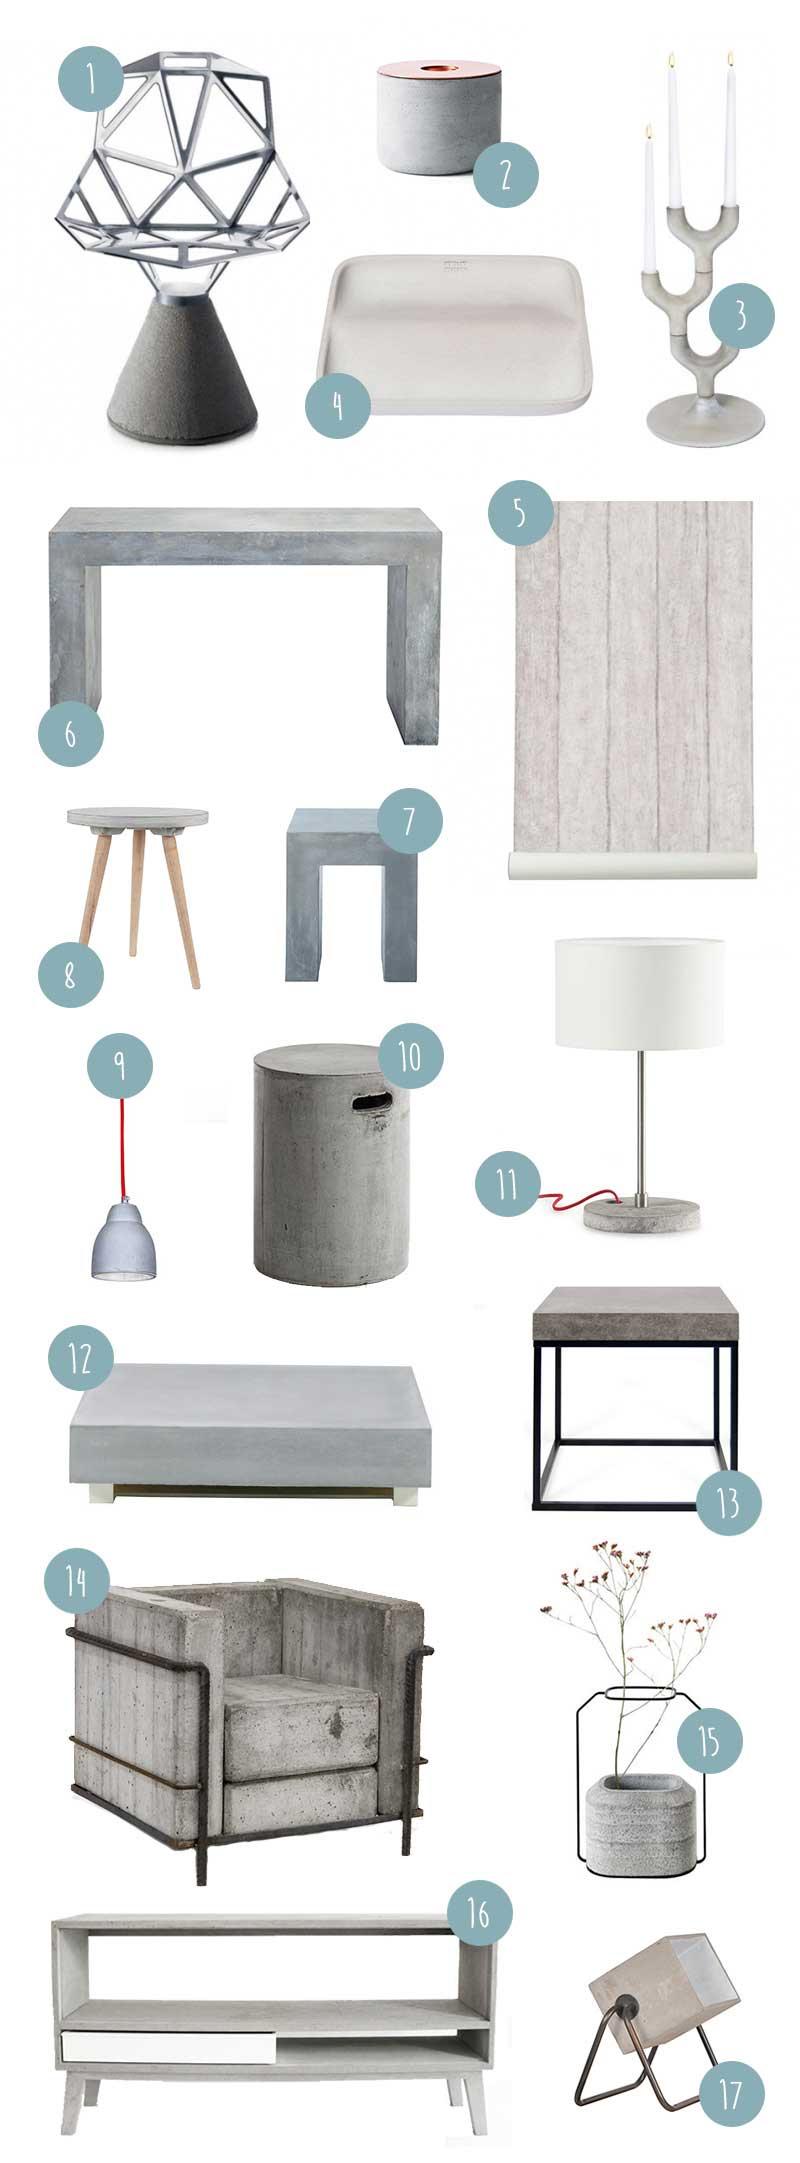 Idées mobilier et objets déco en béton